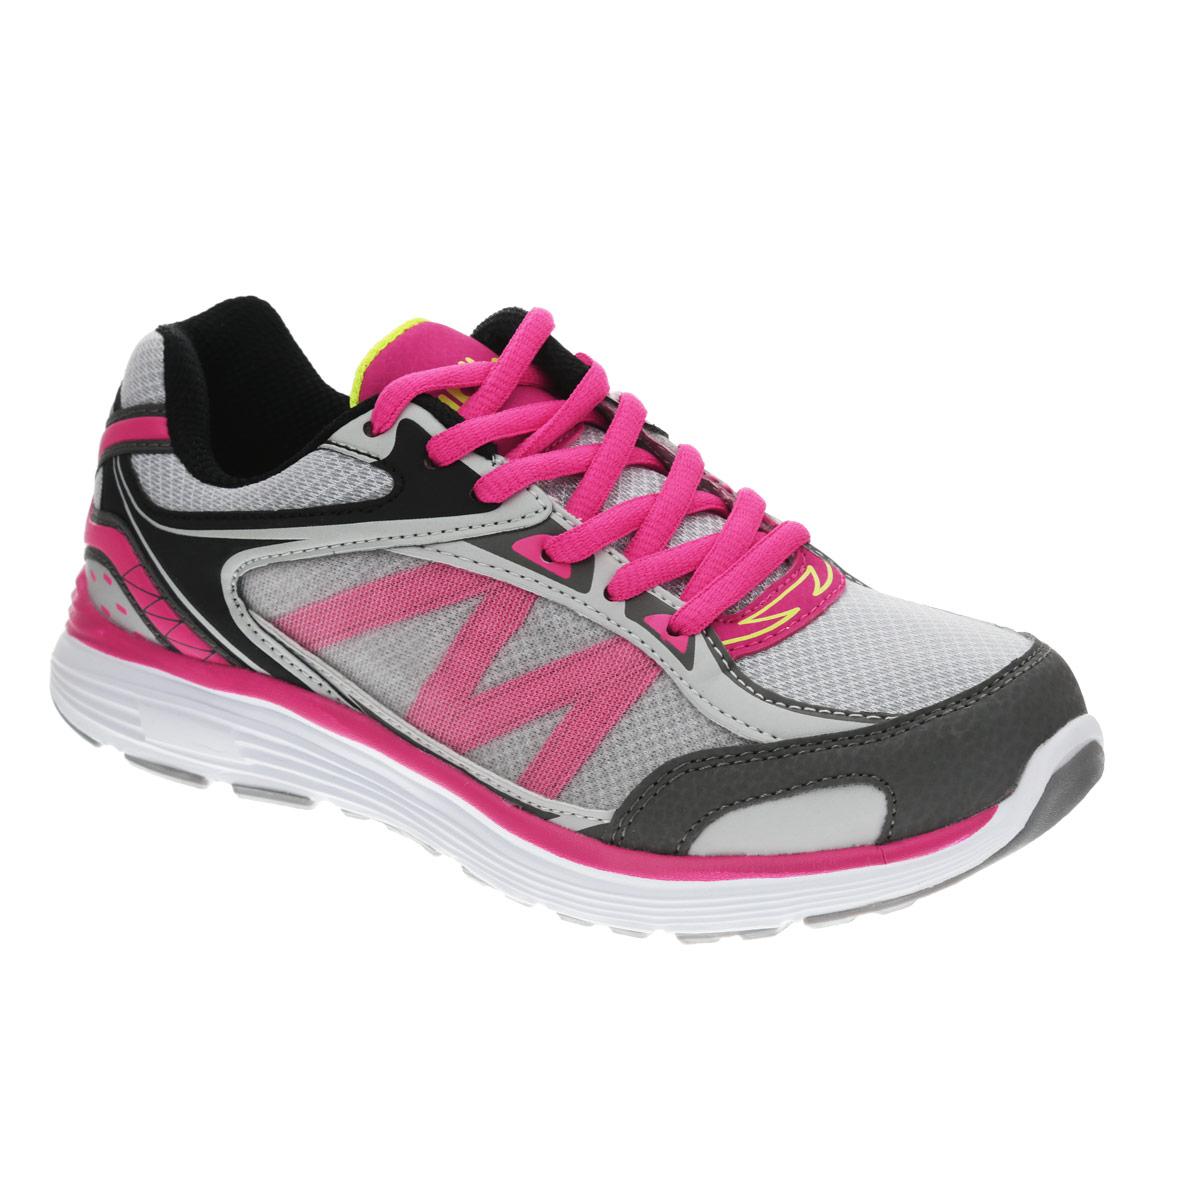 Кроссовки74191-1Модные кроссовки от Kapika очаруют вашу девочку с первого взгляда! Модель изготовлена из дышащего текстиля со вставками из искусственной кожи и оформлена на язычке названием бренда, на заднике - надписью Sport. Шнуровка надежно фиксирует обувь на ноге. Стелька EVA с текстильной поверхностью эффективно поглощает запахи и влагу, снижает утомляемость ног при длительных физических нагрузках, обеспечивает отличную амортизацию. Супинатор на стельке предотвращает развитие плоскостопия. Подошва с протектором гарантирует отличное сцепление с любыми поверхностями. Стильные кроссовки займут достойное место в гардеробе вашего ребенка.